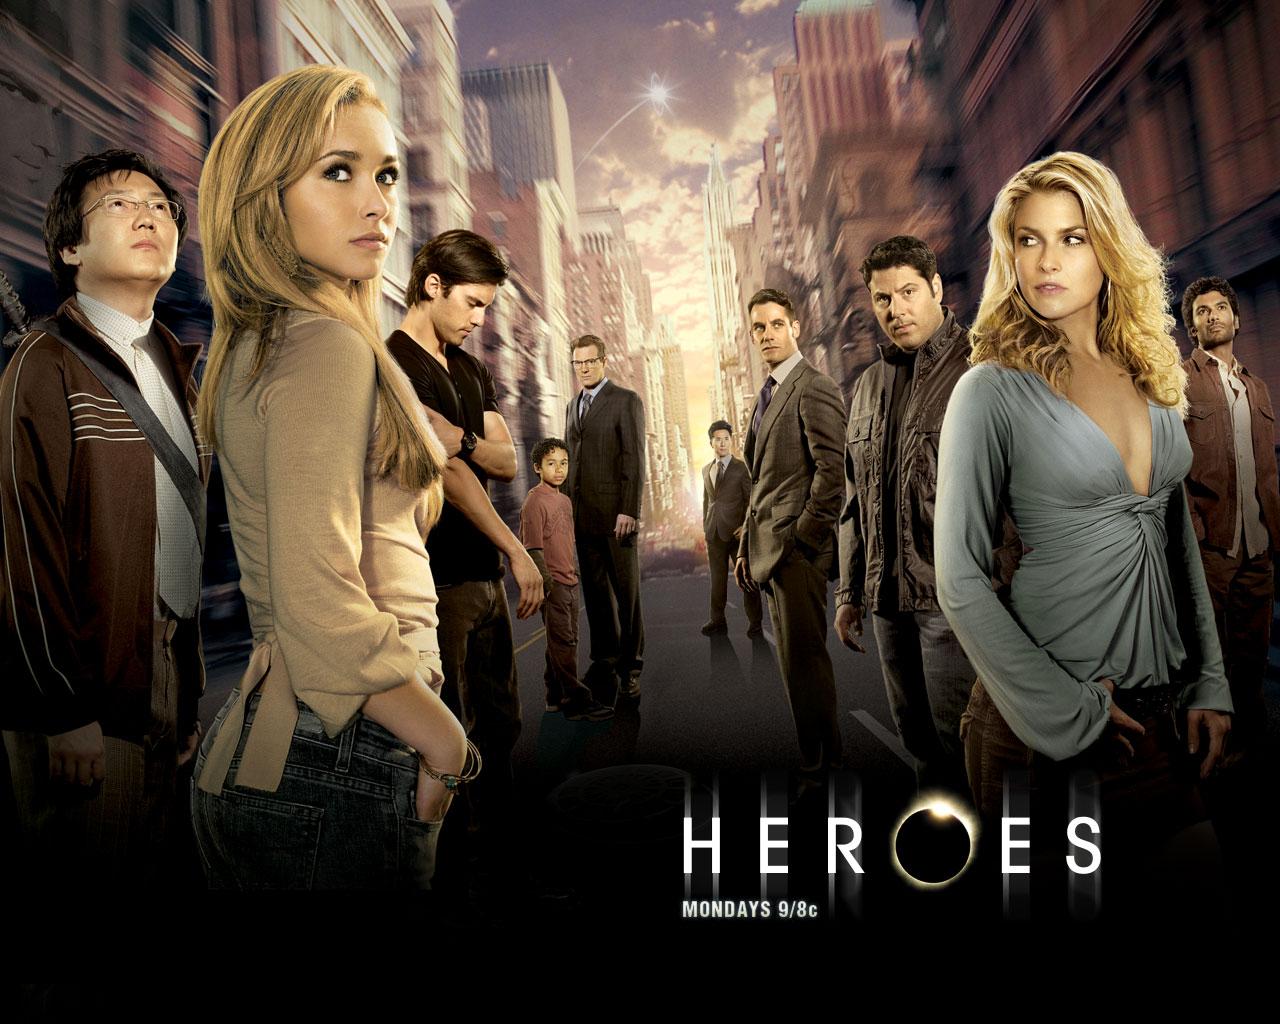 Heroes saison 3 épisode 25 streaming dans Series Heroes-heroes-357089_1280_1024